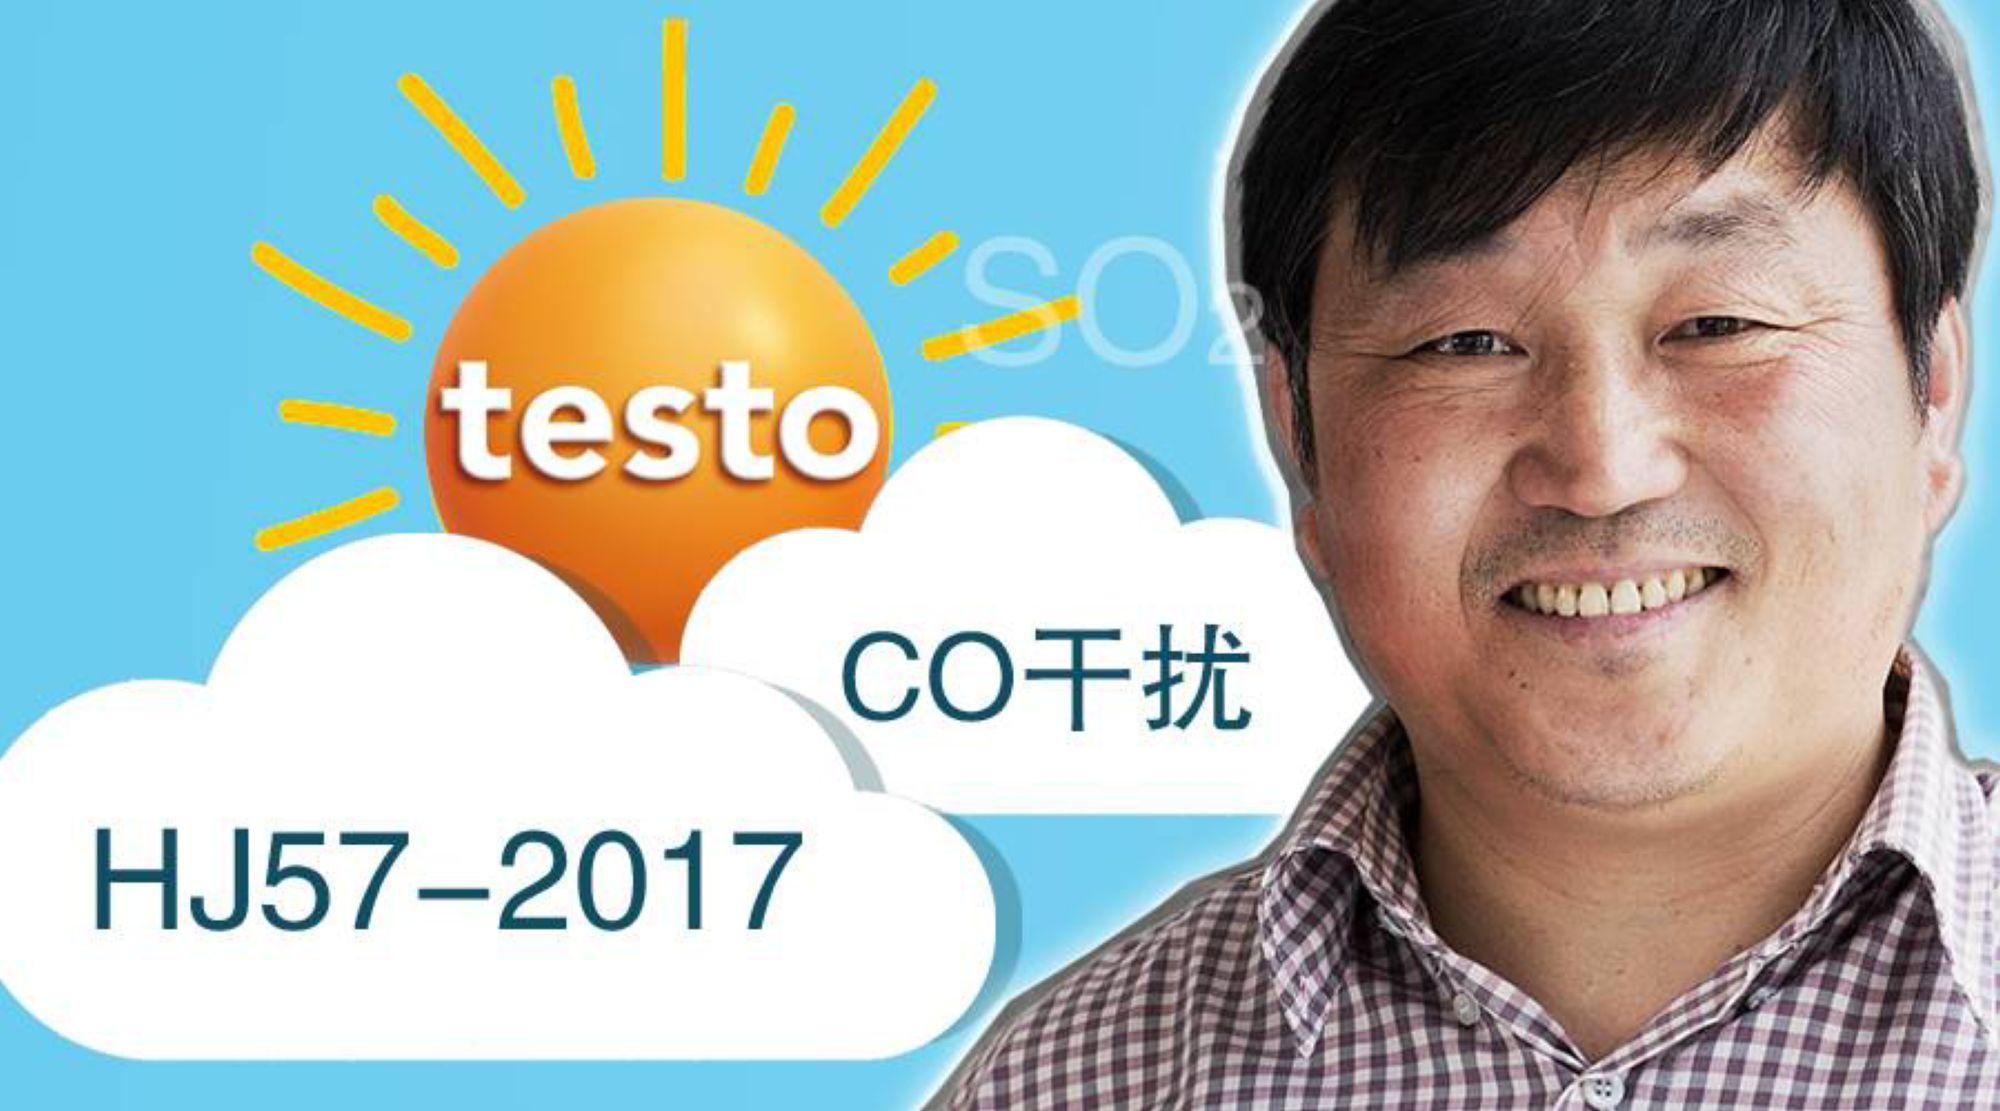 德图中国将设立专门的一氧化碳干扰实验室,接受试验委托,并出具相关报告。